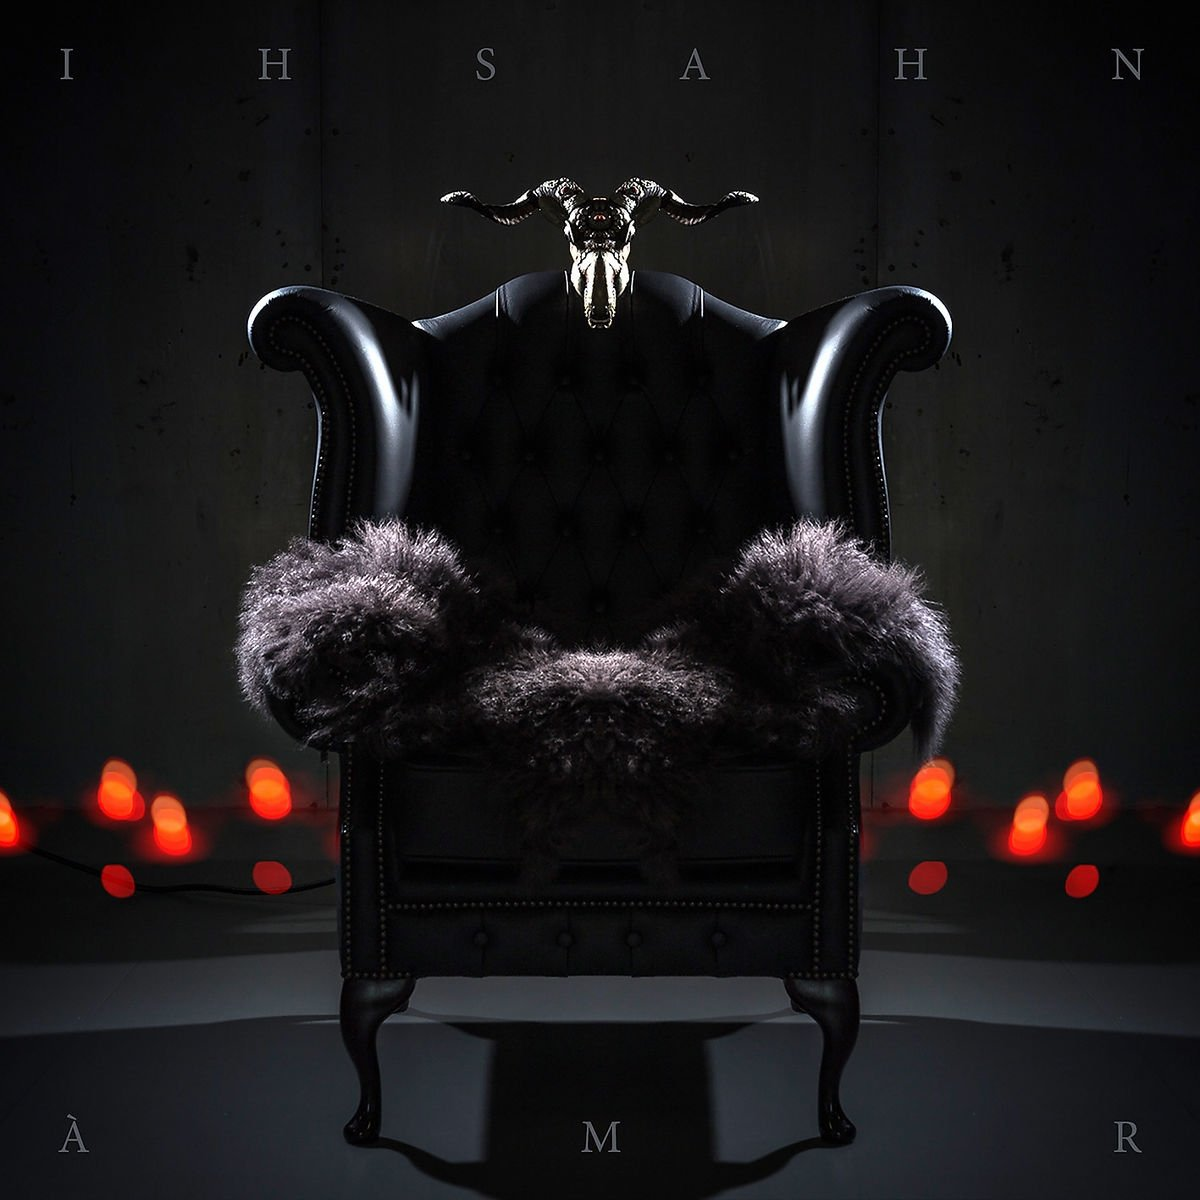 Vinilo : Ihsahn - Amr (2PC)